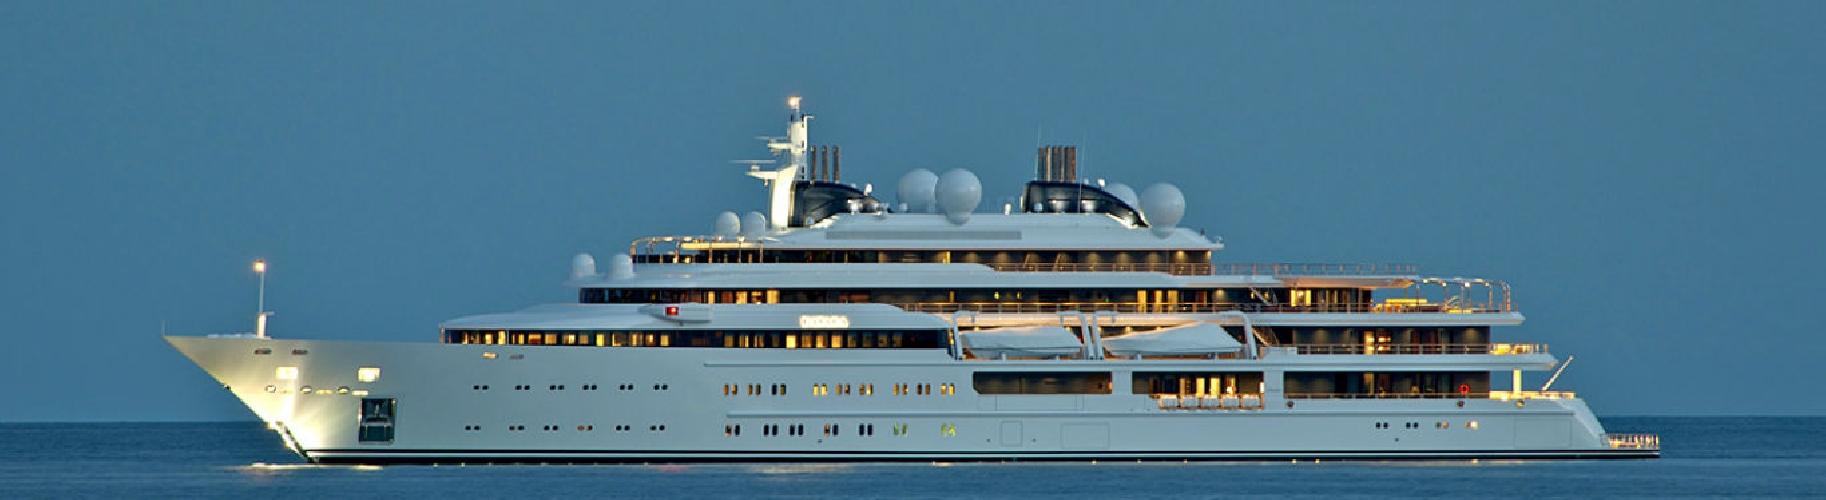 http://www.ragusanews.com//immagini_articoli/28-08-2014/gli-yacht-della-famiglia-reale-del-qatar-in-rotta-verso-marina-di-ragusa-500.jpg